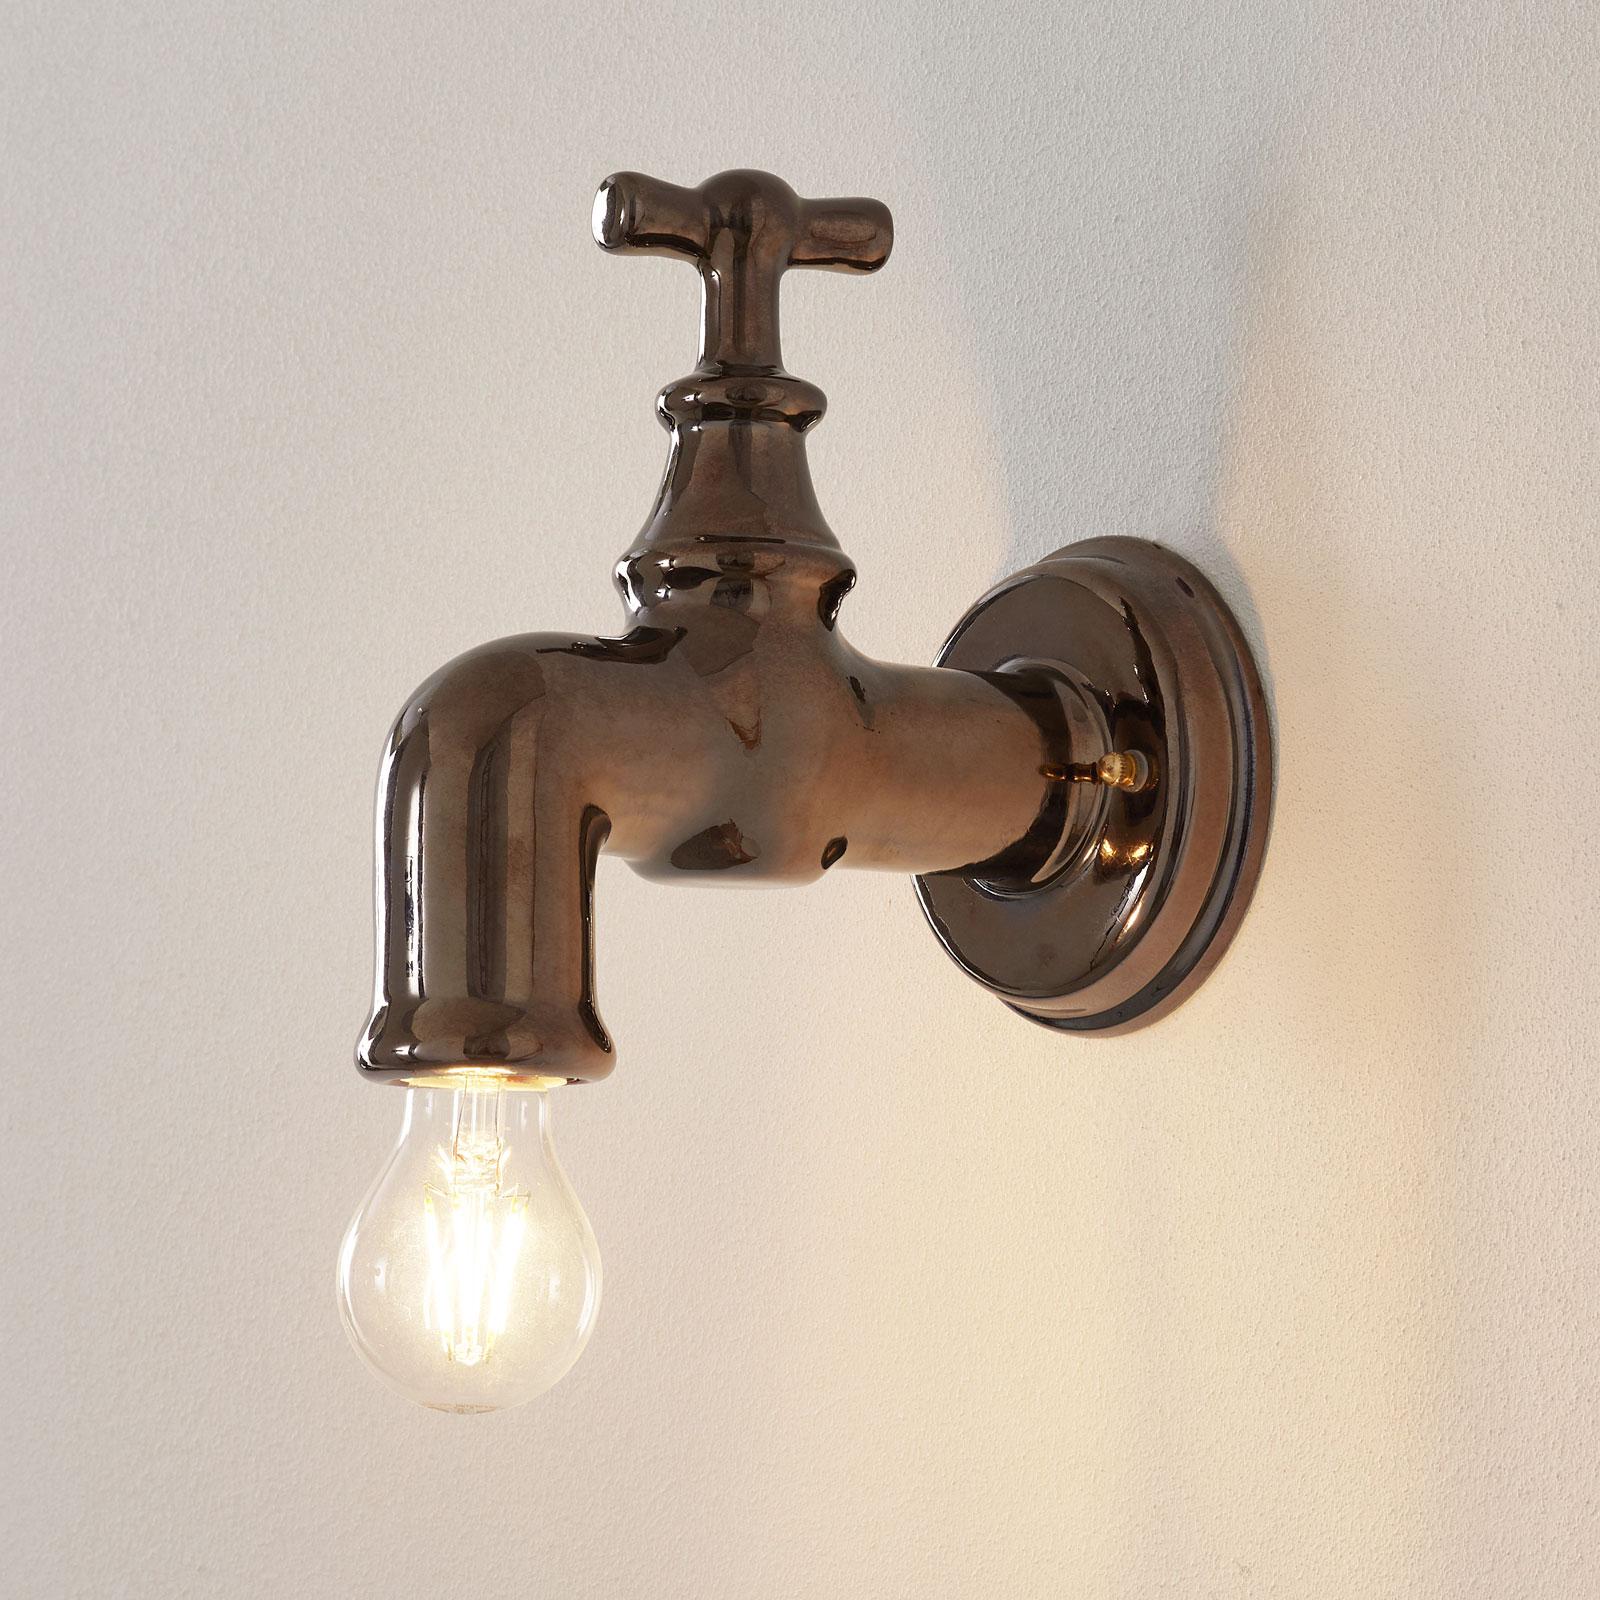 Wandlamp Rubinetto van keramiek, zilver glanzend